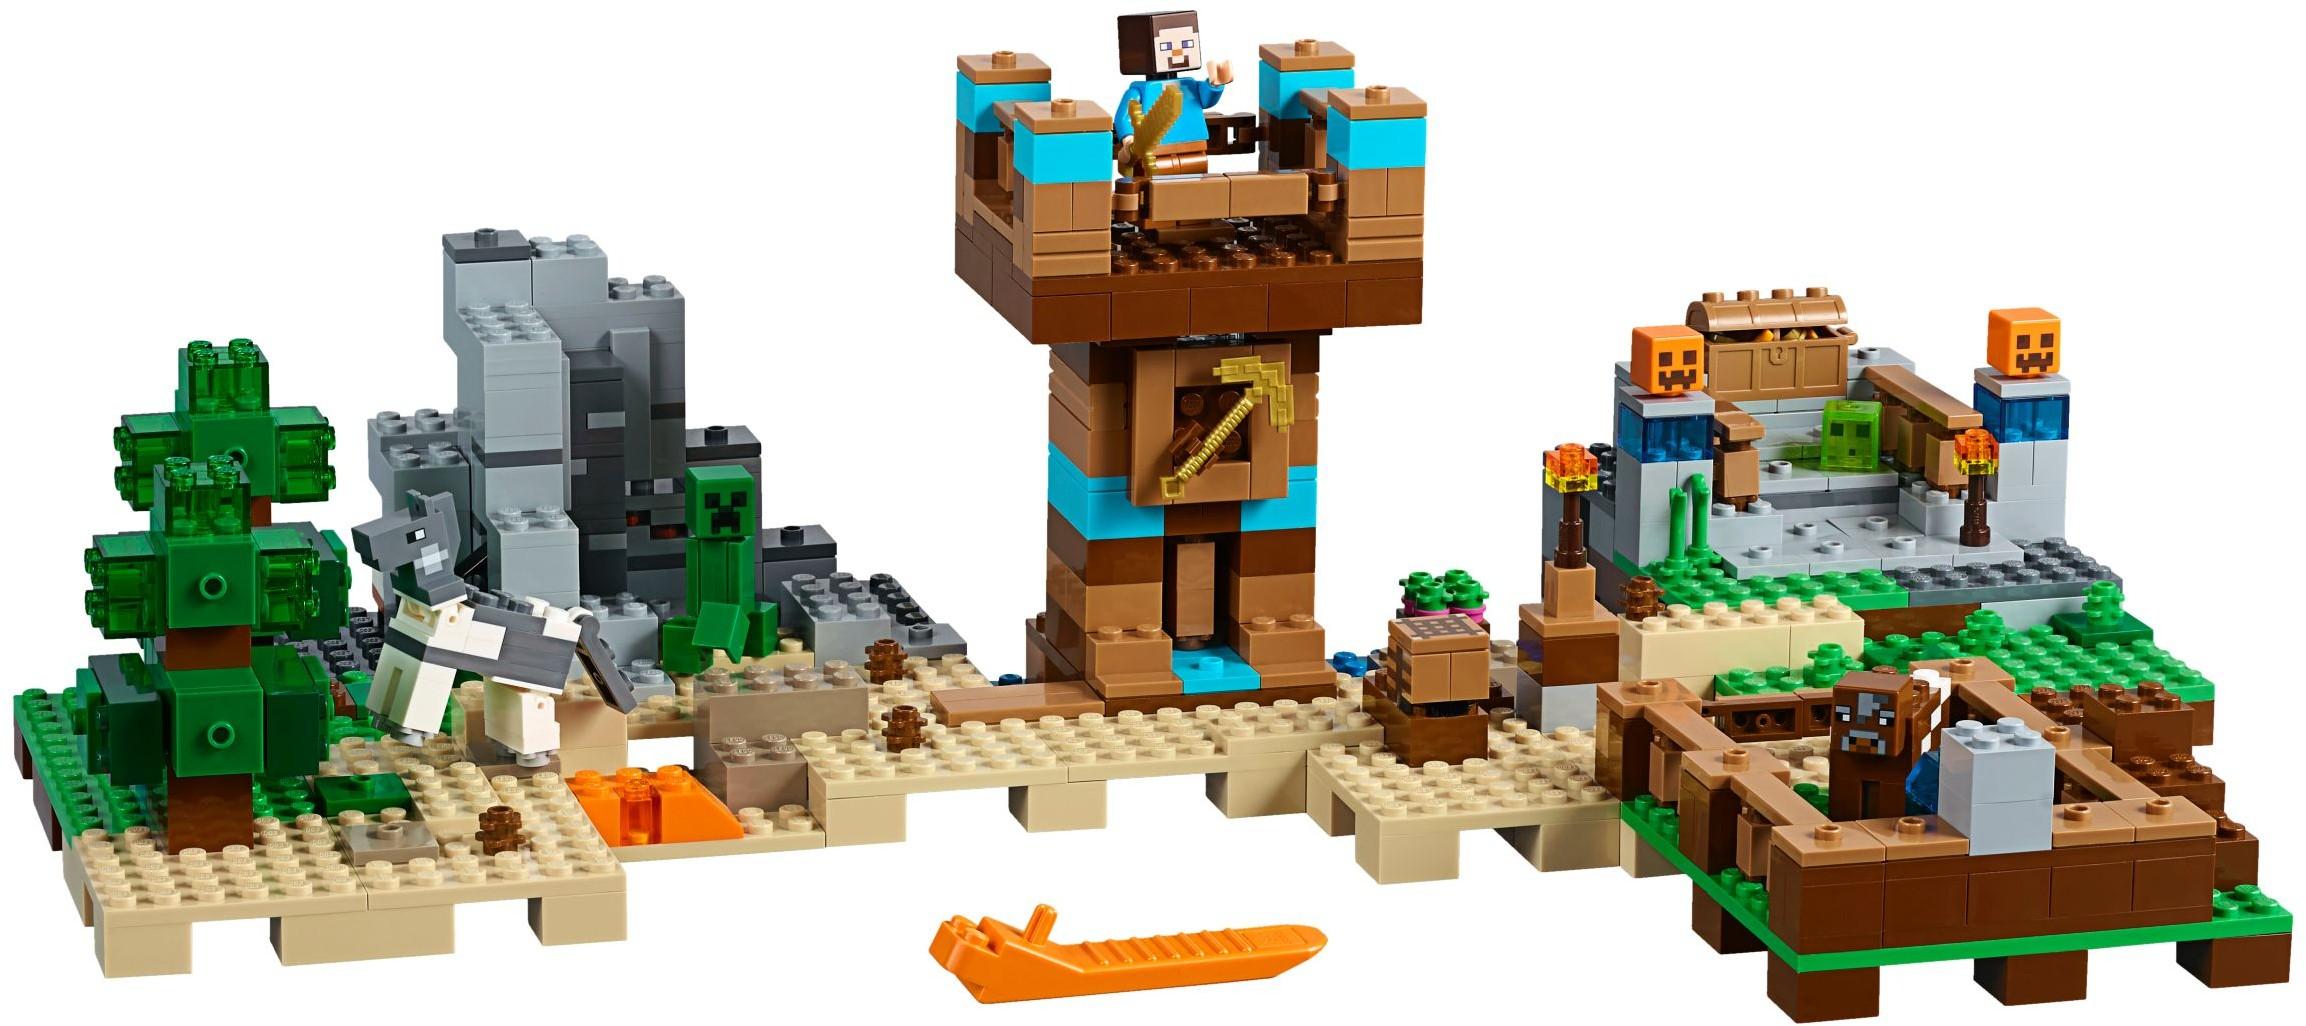 21135 LEGO Minecraft™ LEGO Minecraft the Crafting Box 2.0